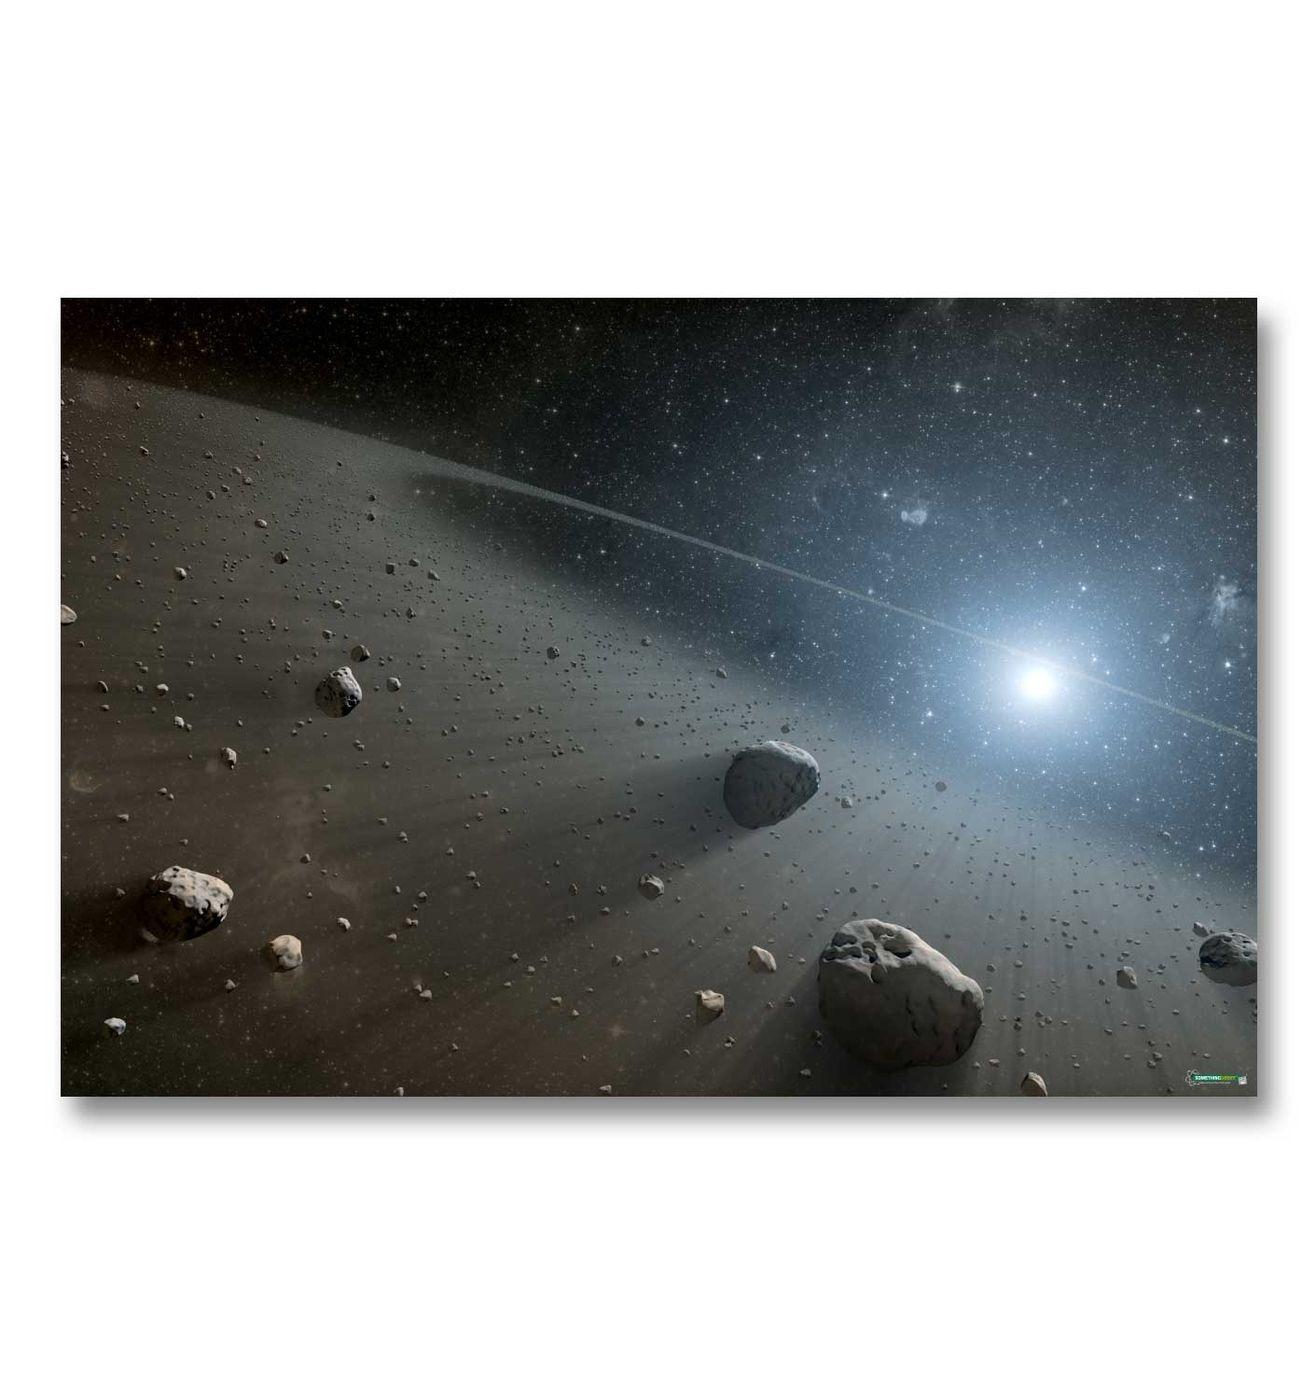 Asteroid Belt gaming mat - Stunning high res space battle mat